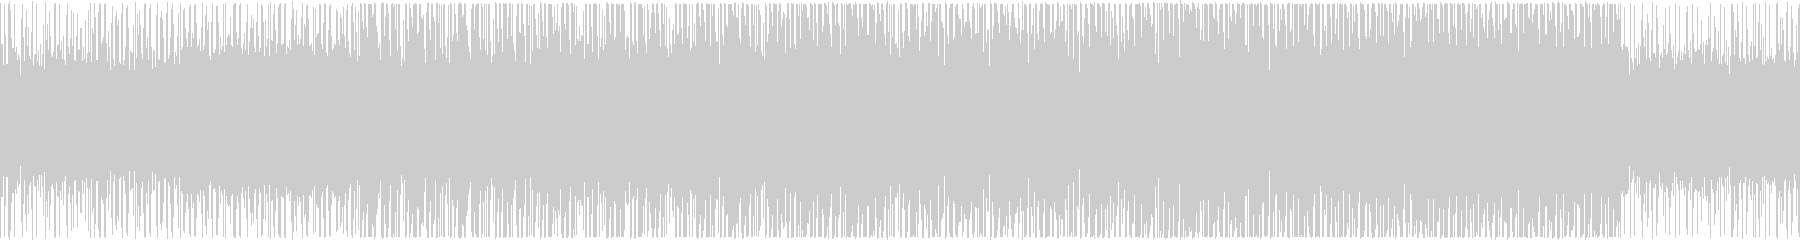 バトル系アラビアン風_BGMの未再生の波形